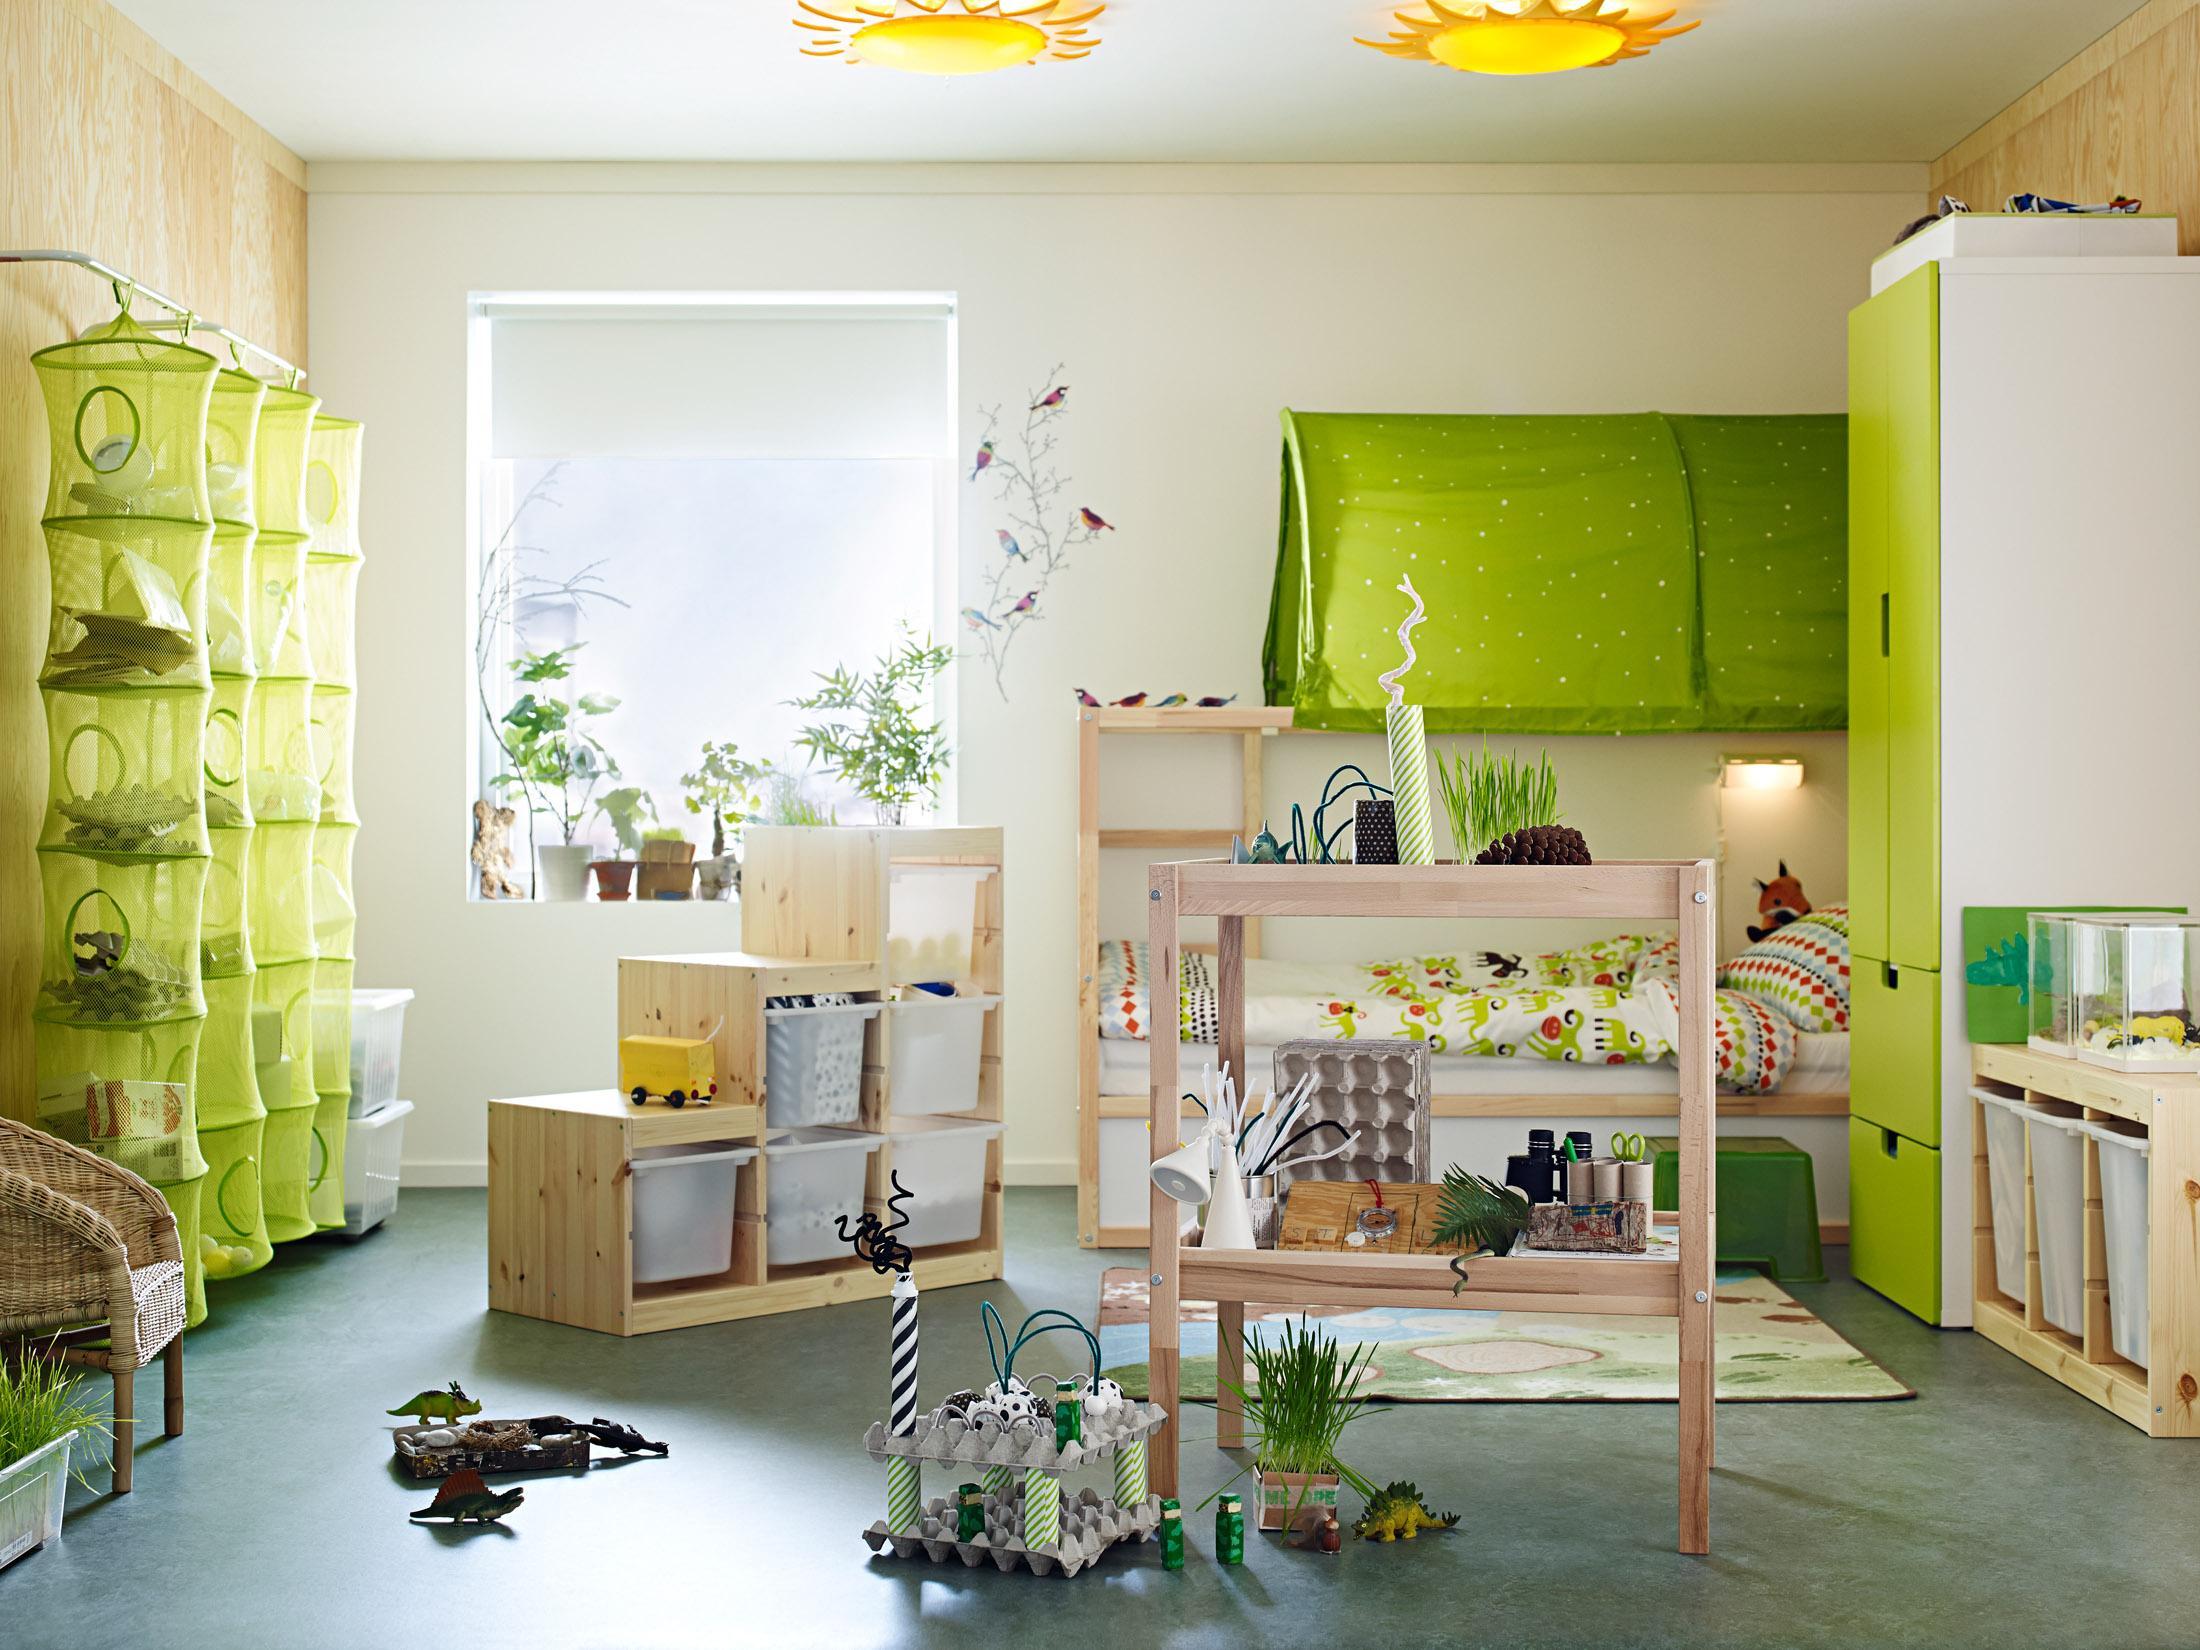 Kinderzimmermöbel ikea  Ikea Seite 24 • Bilder & Ideen • COUCHstyle